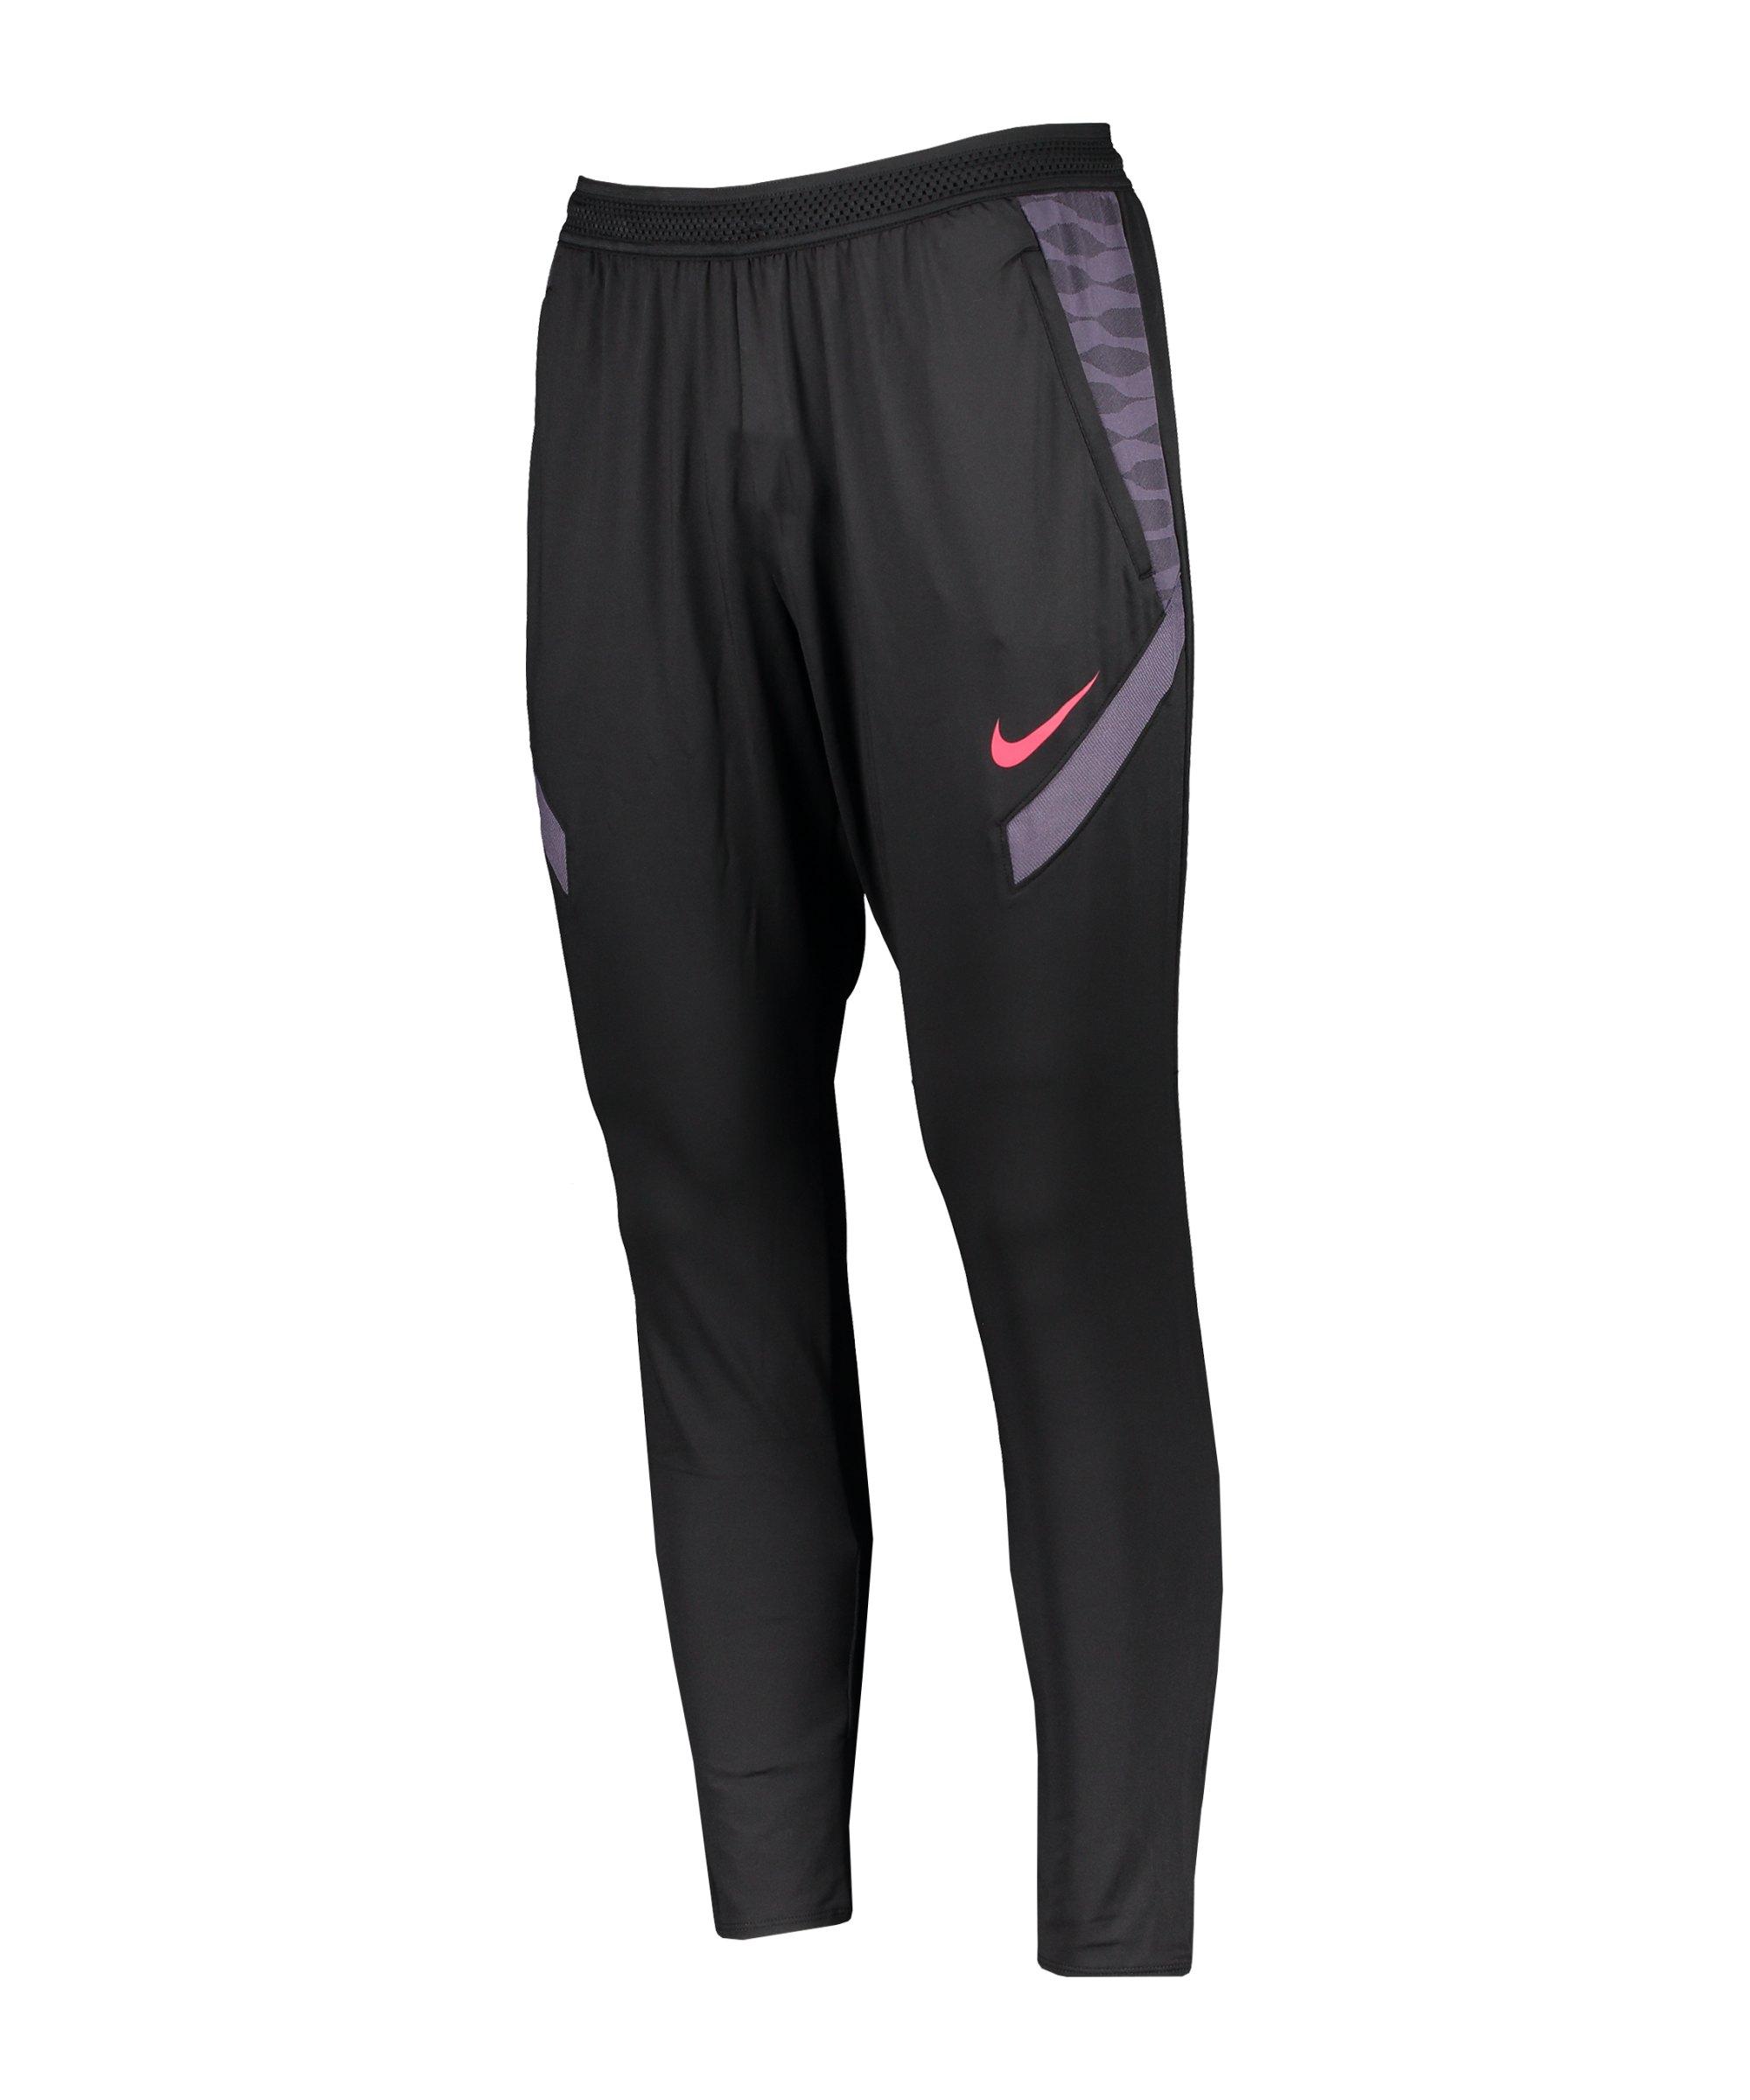 Nike Strike 21 Trainingshose Damen Schwarz F012 - schwarz